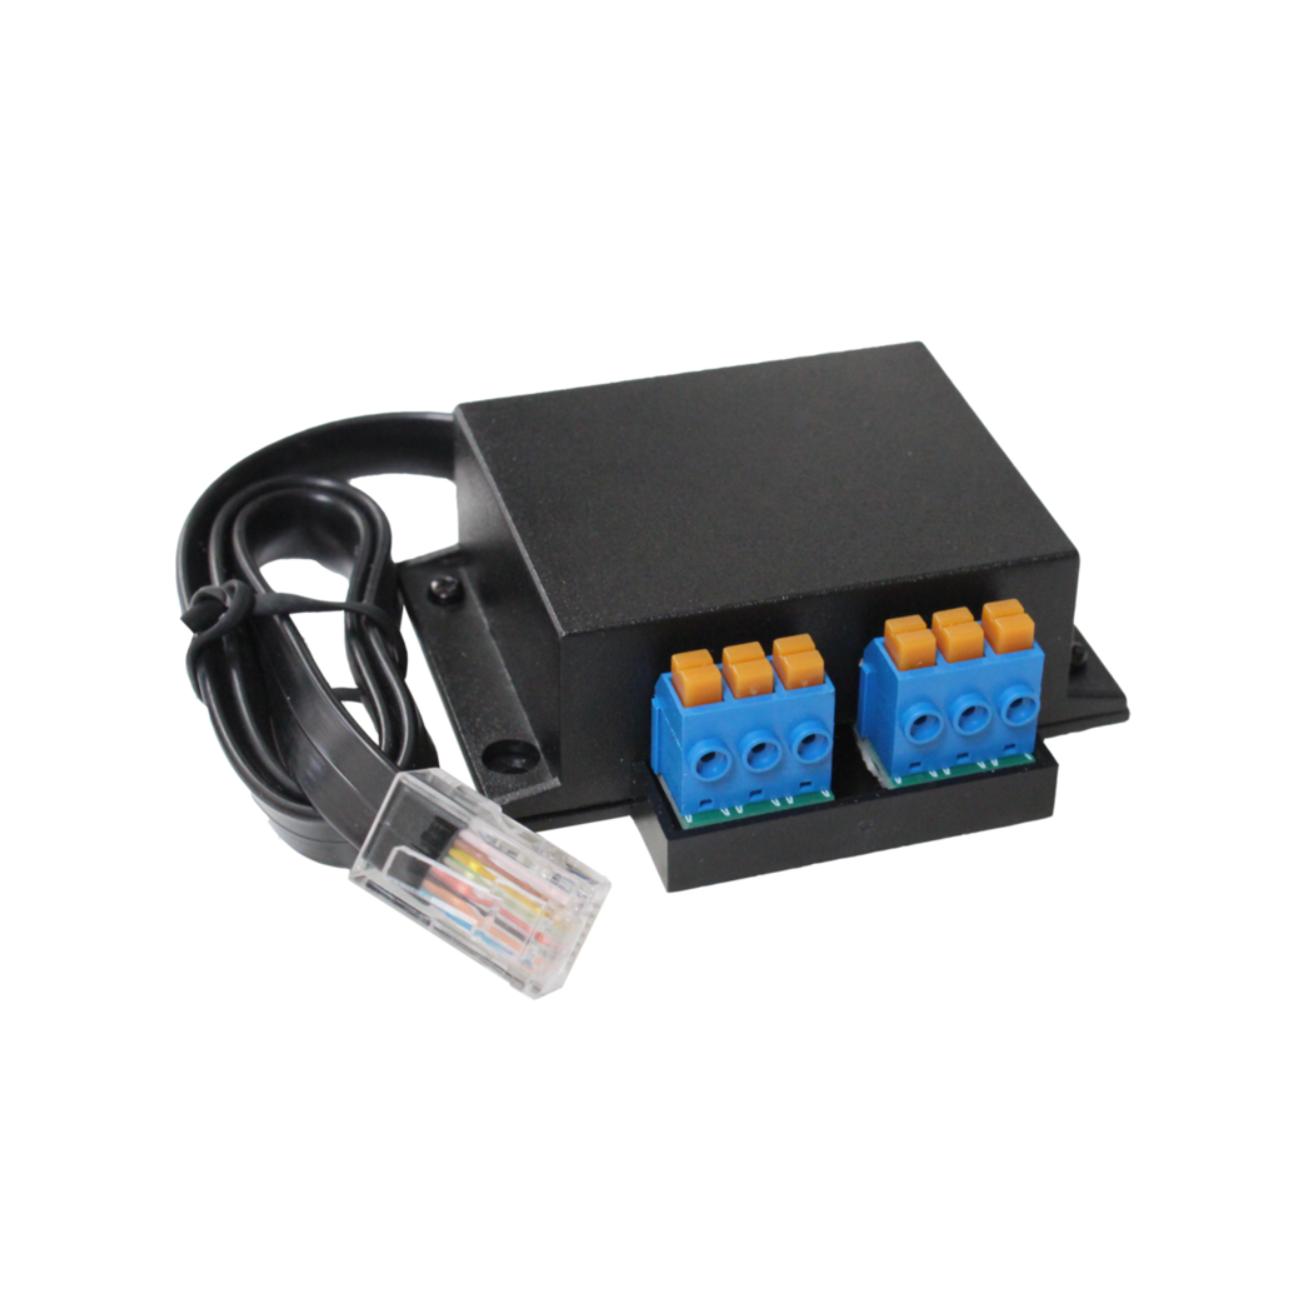 PPR-2 Control Box PurePower Serie